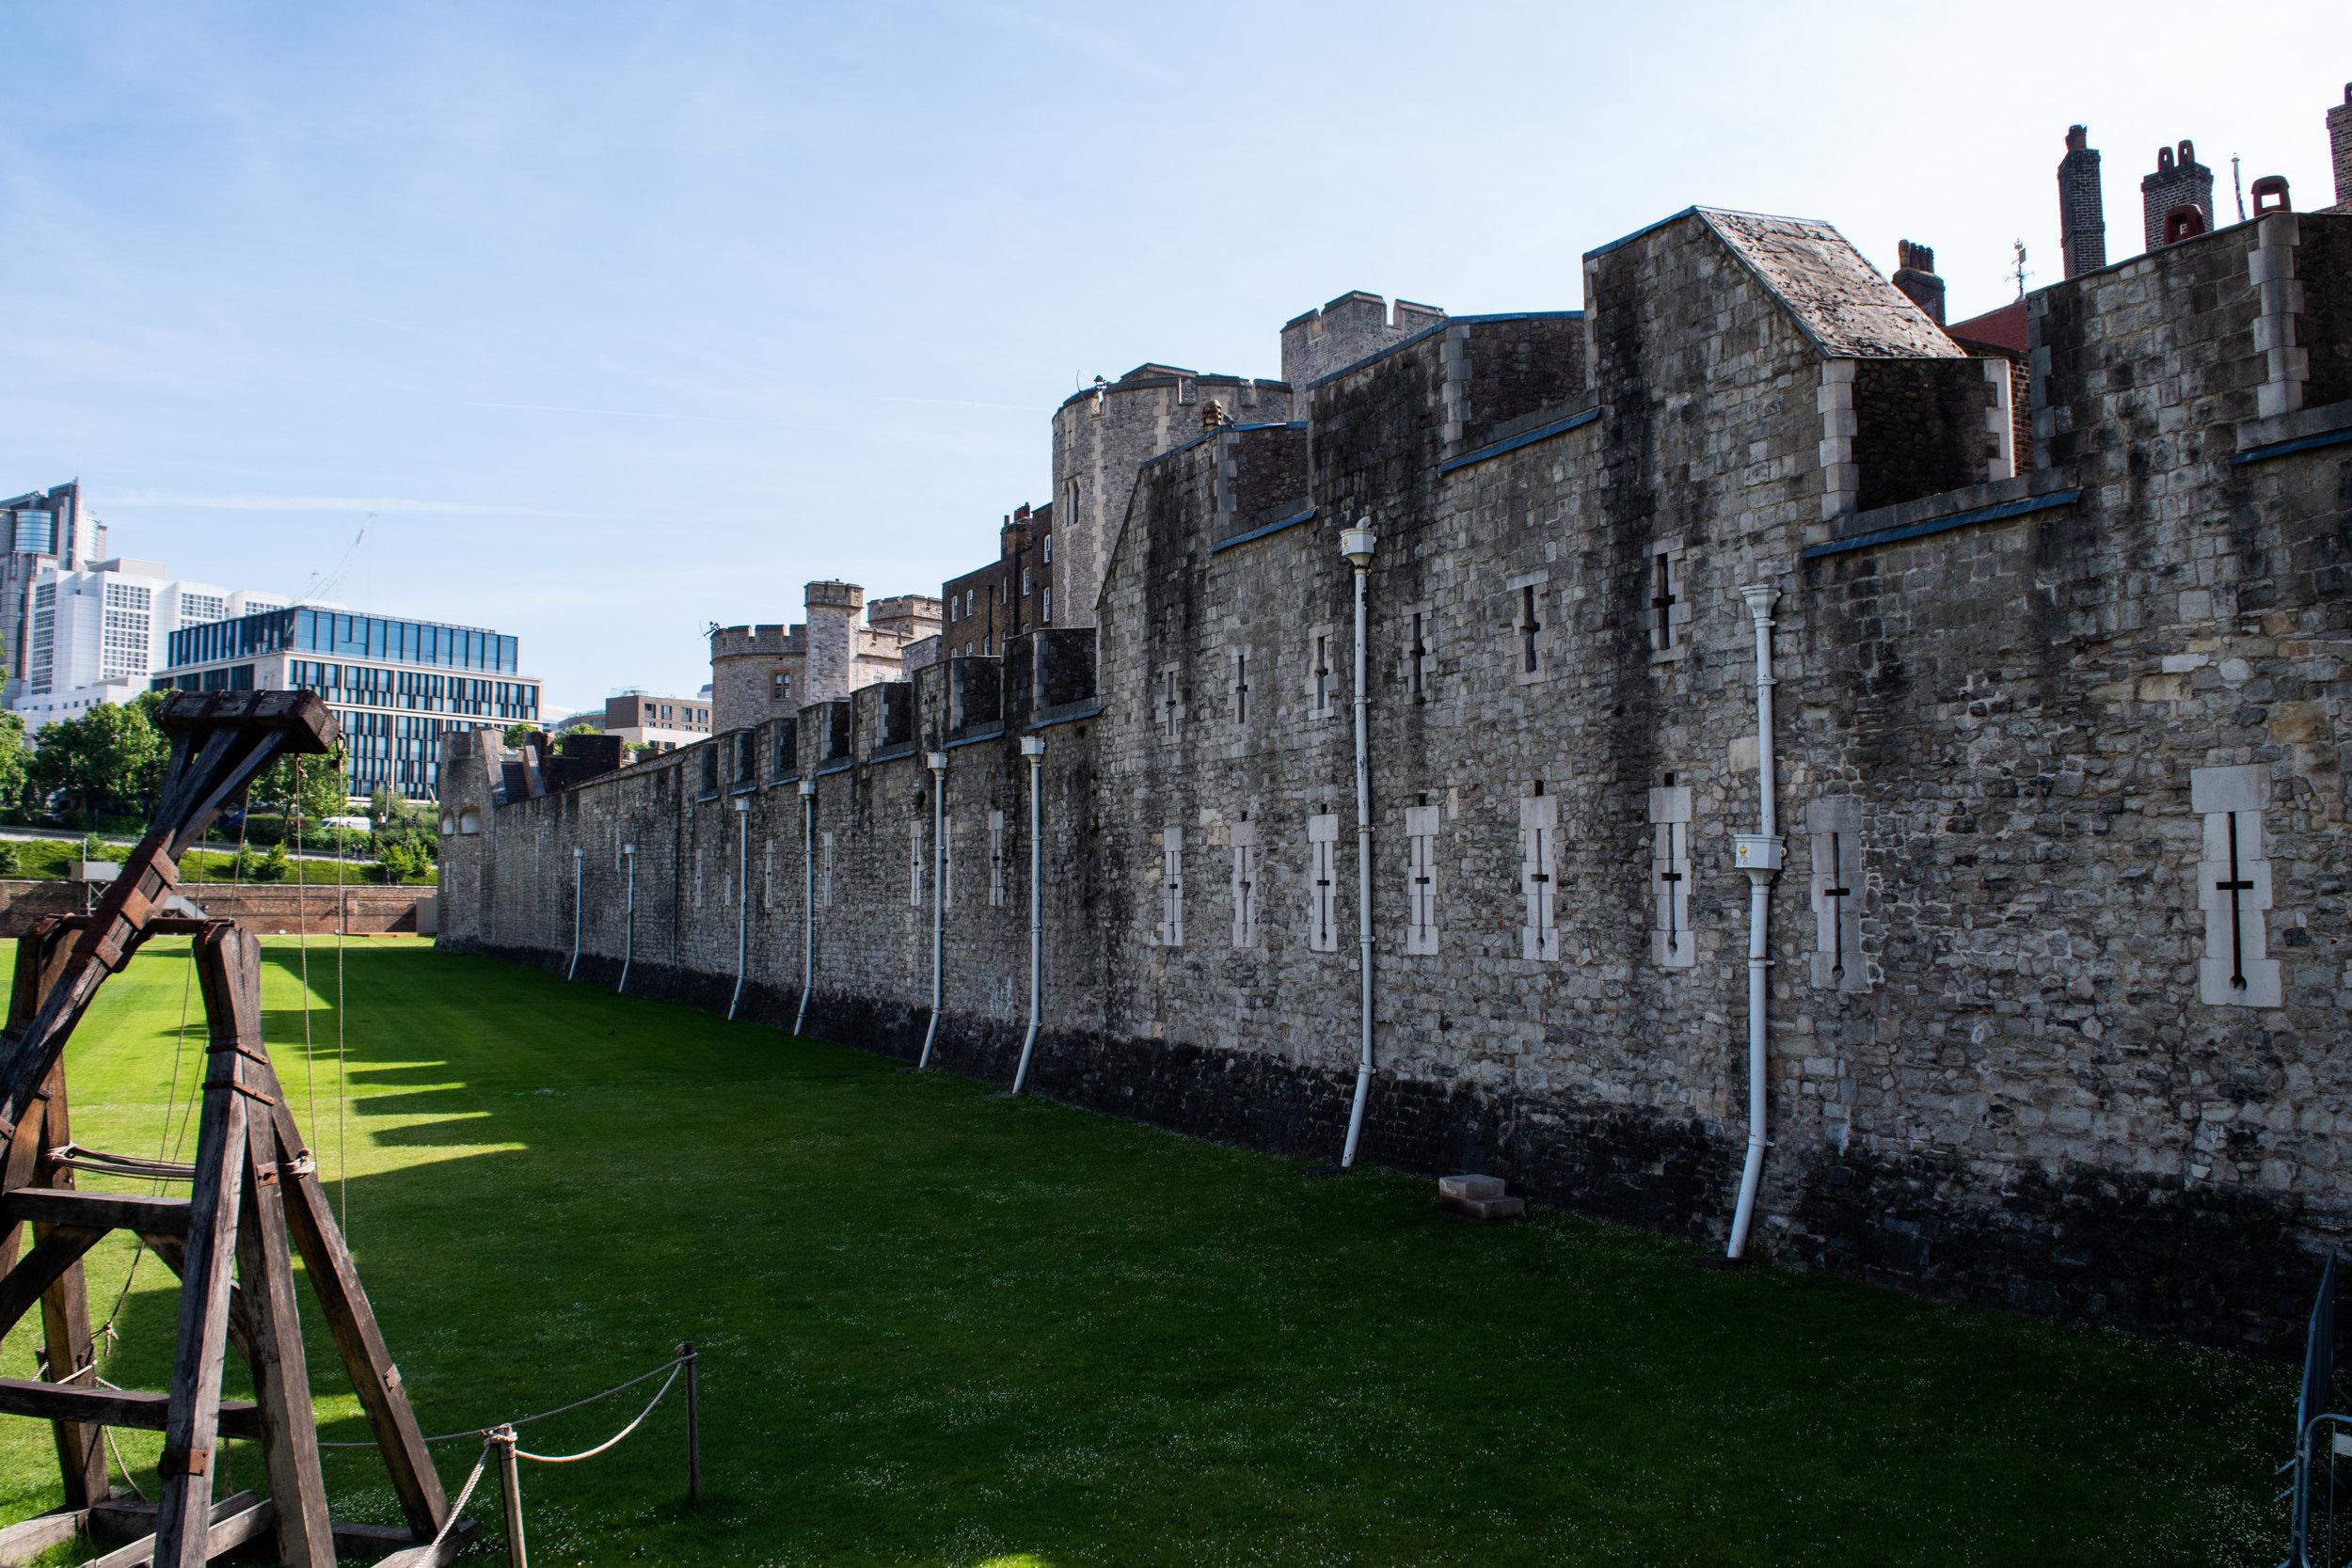 tower of london wall jpg.jpg